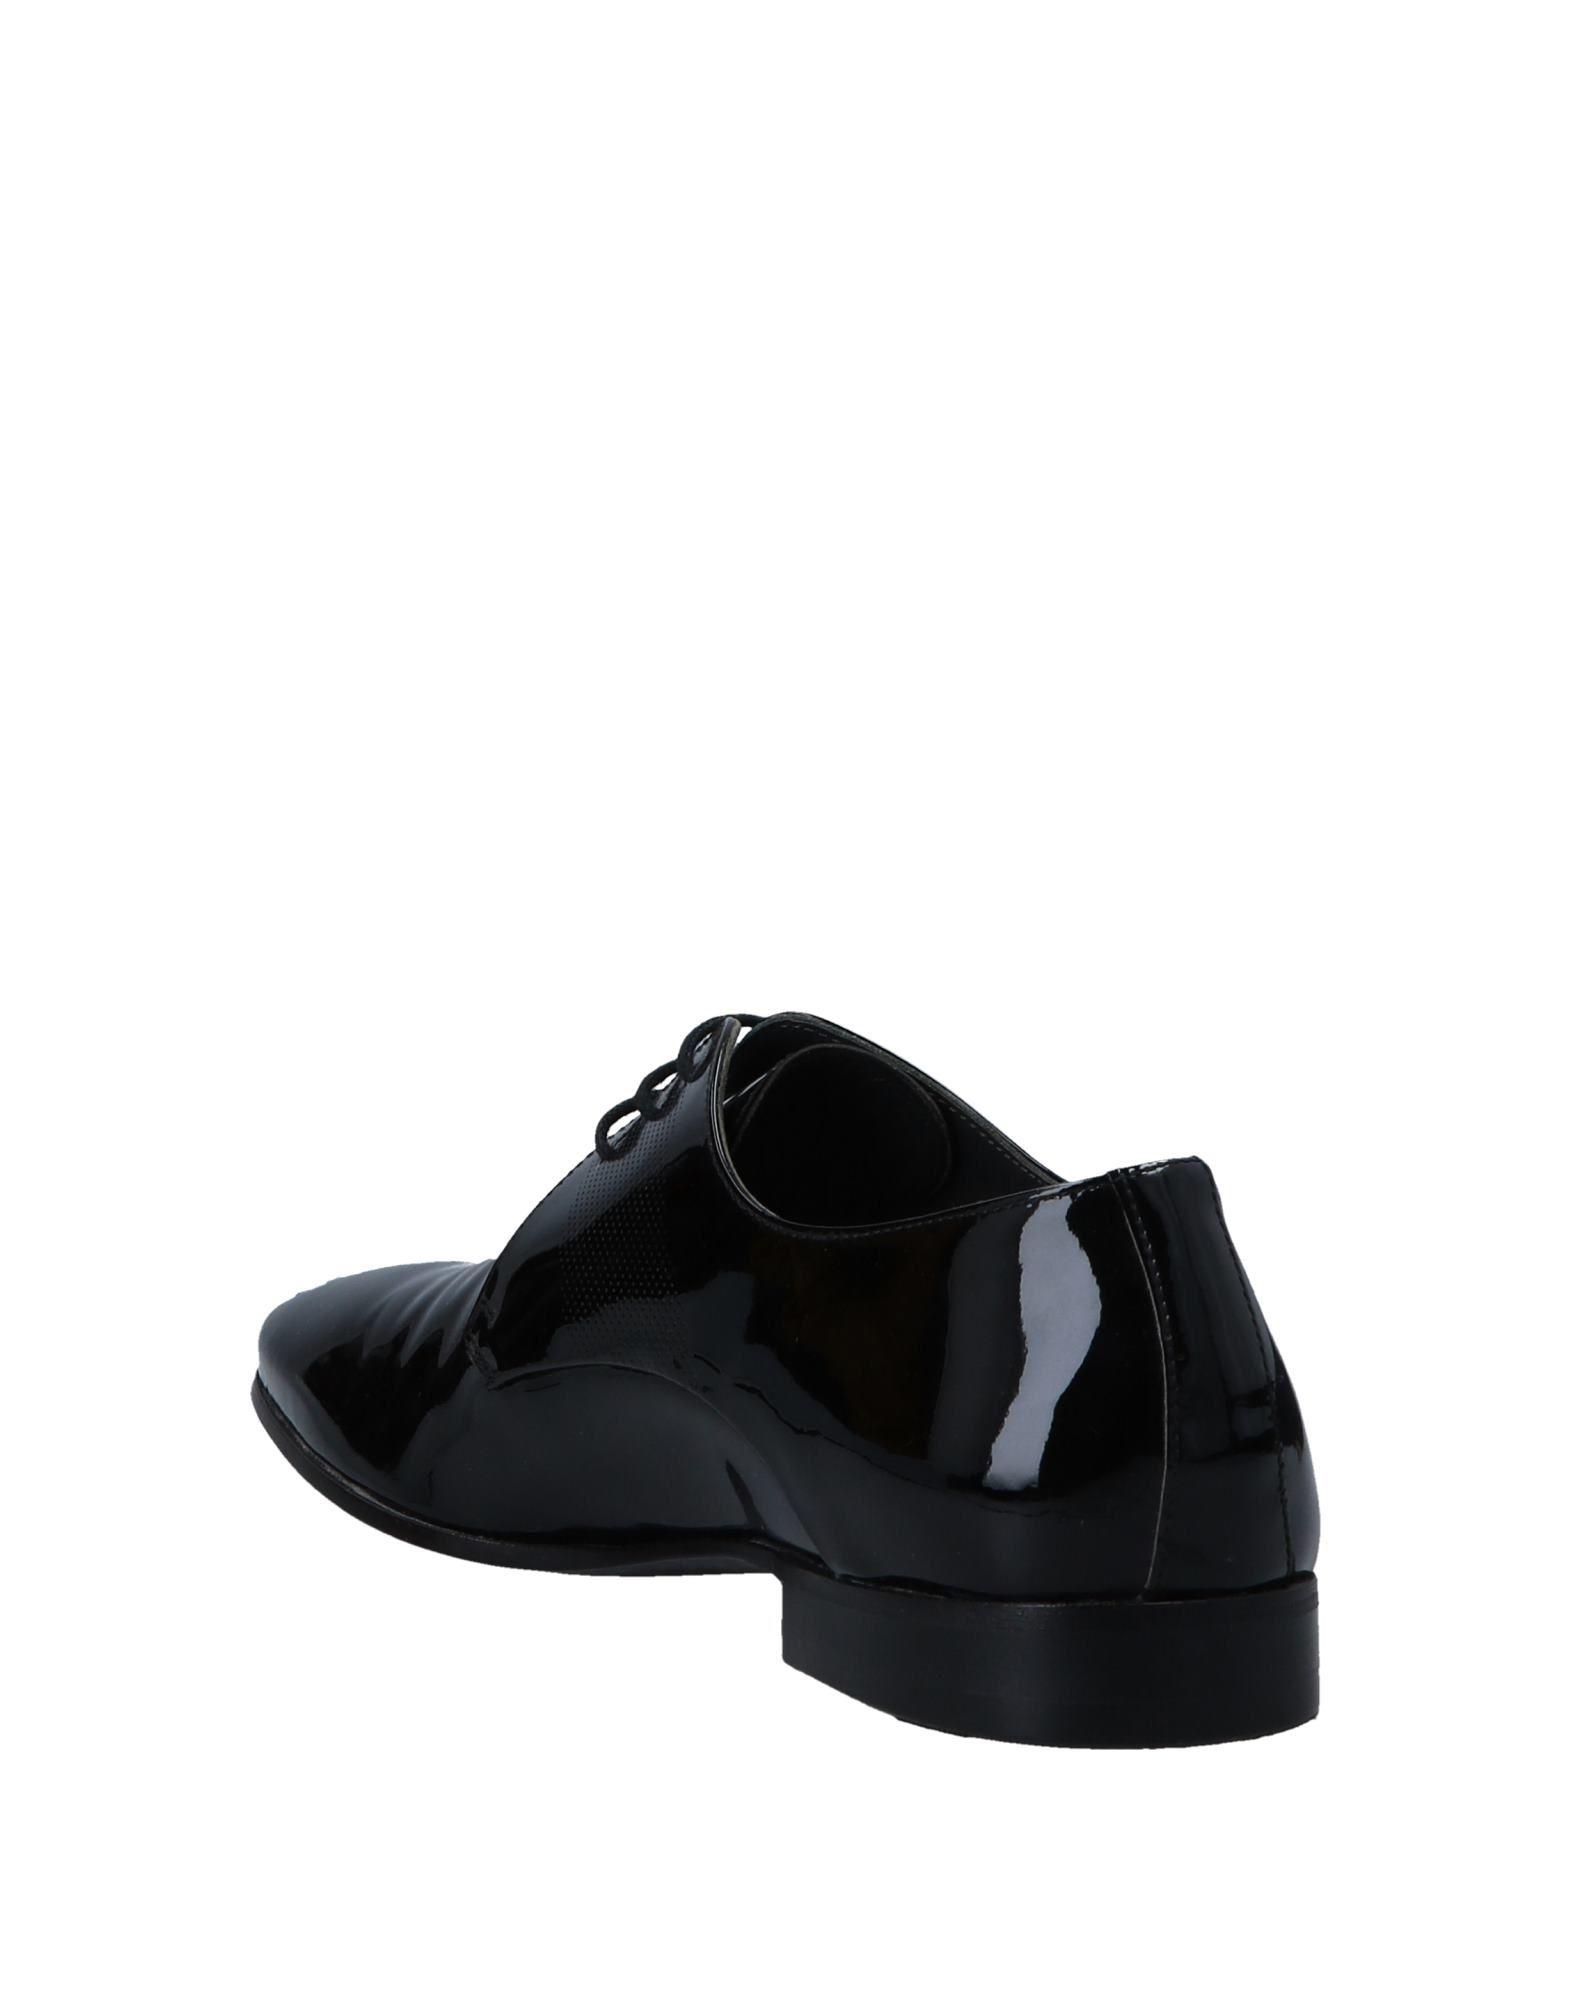 Rabatt echte  Schuhe Morandi Schnürschuhe Herren  echte 11554742EF cde725